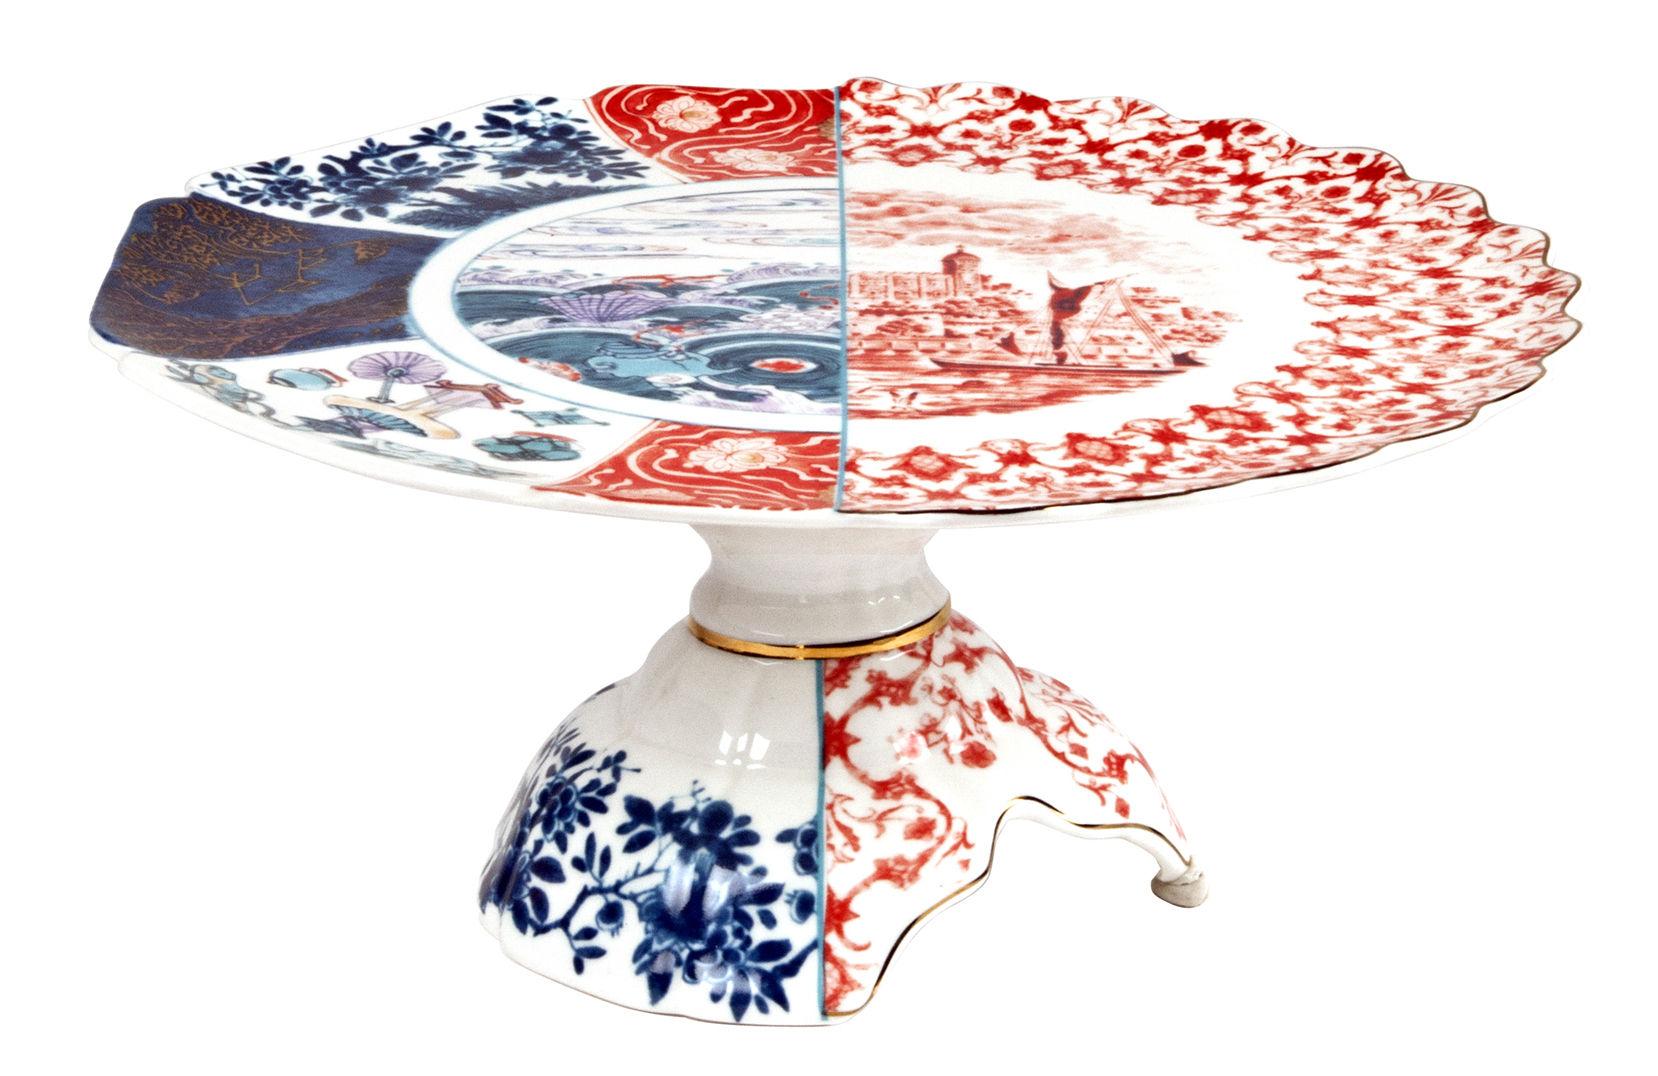 Arts de la table - Plats - Plateau à gâteau Hybrid Moriana / Ø 32,5 cm - Seletti - Ø 32,5 cm / Multicolore - Porcelaine Bone China